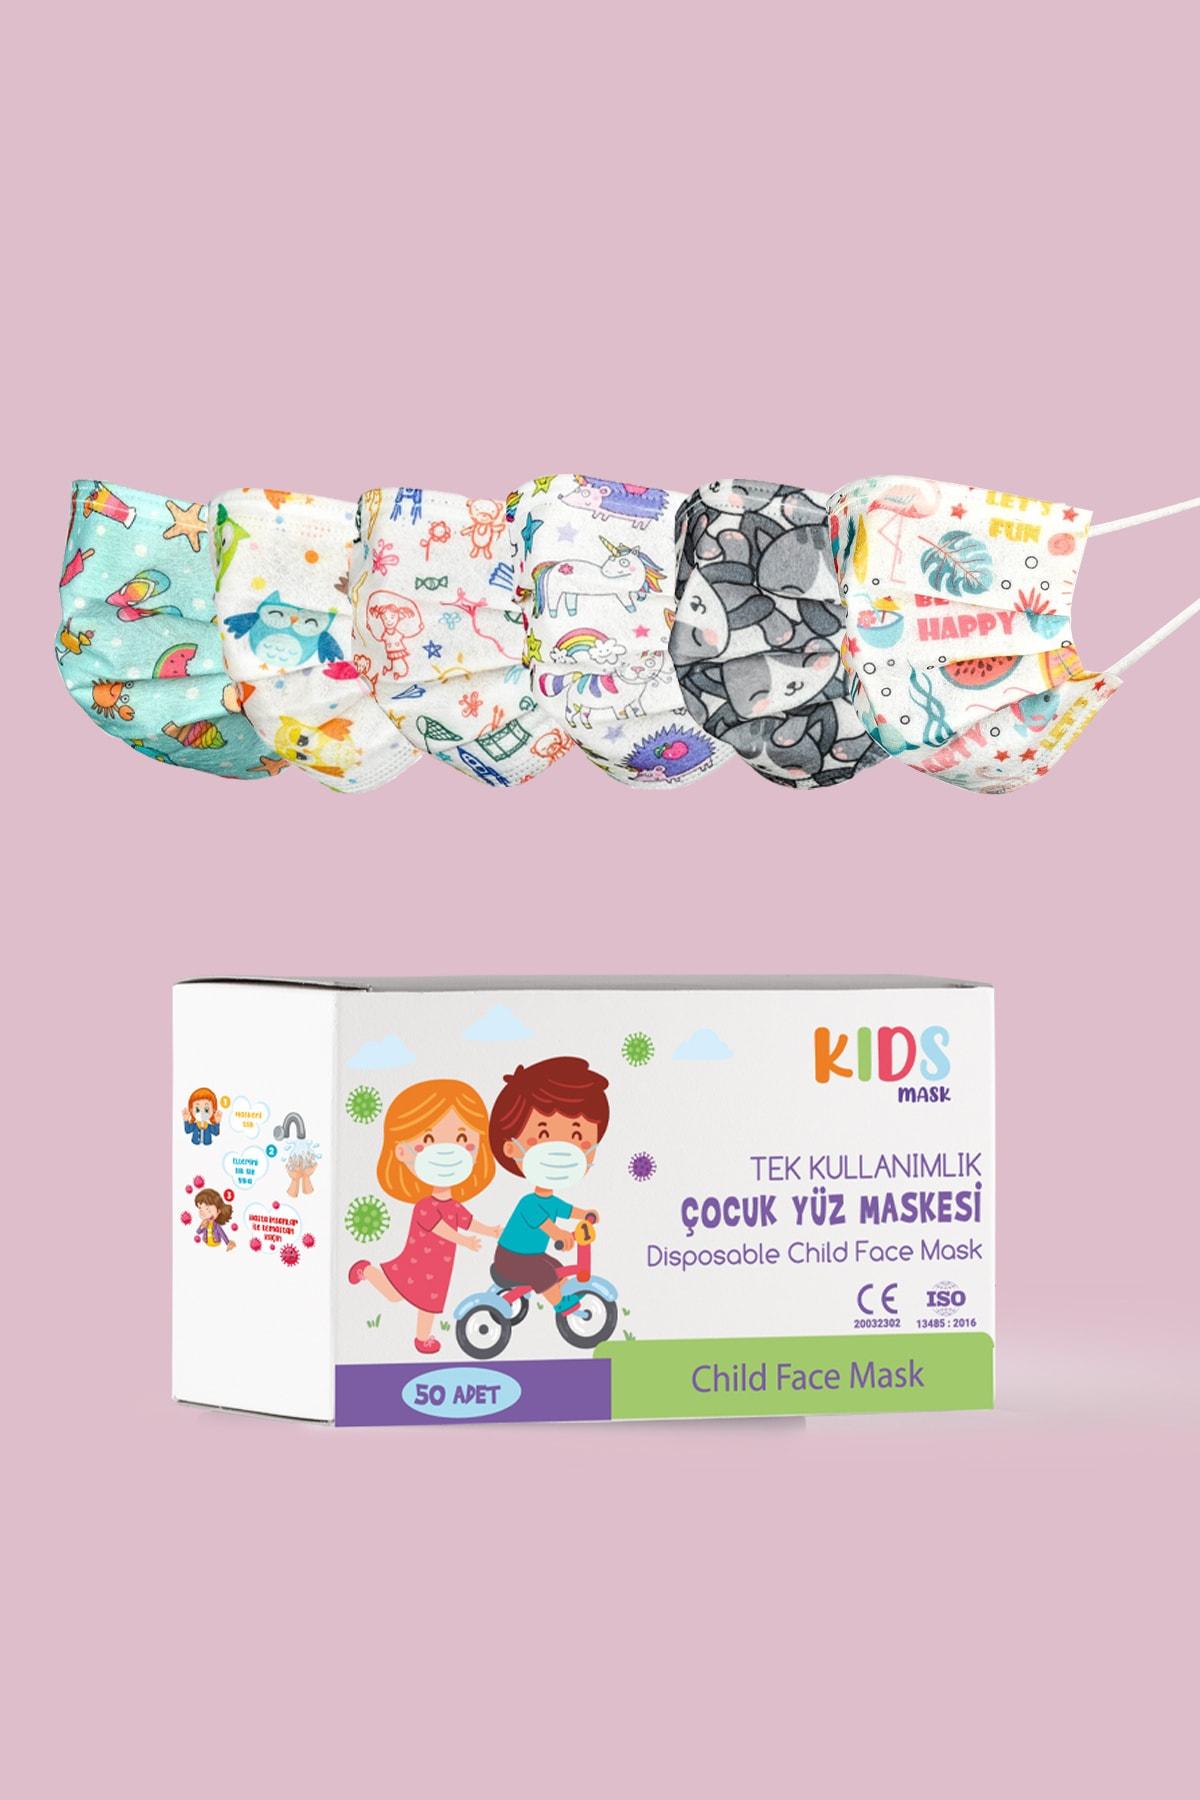 ZNG Kids Mask Kız Çocuk Medikal Maske 50 Adet 1